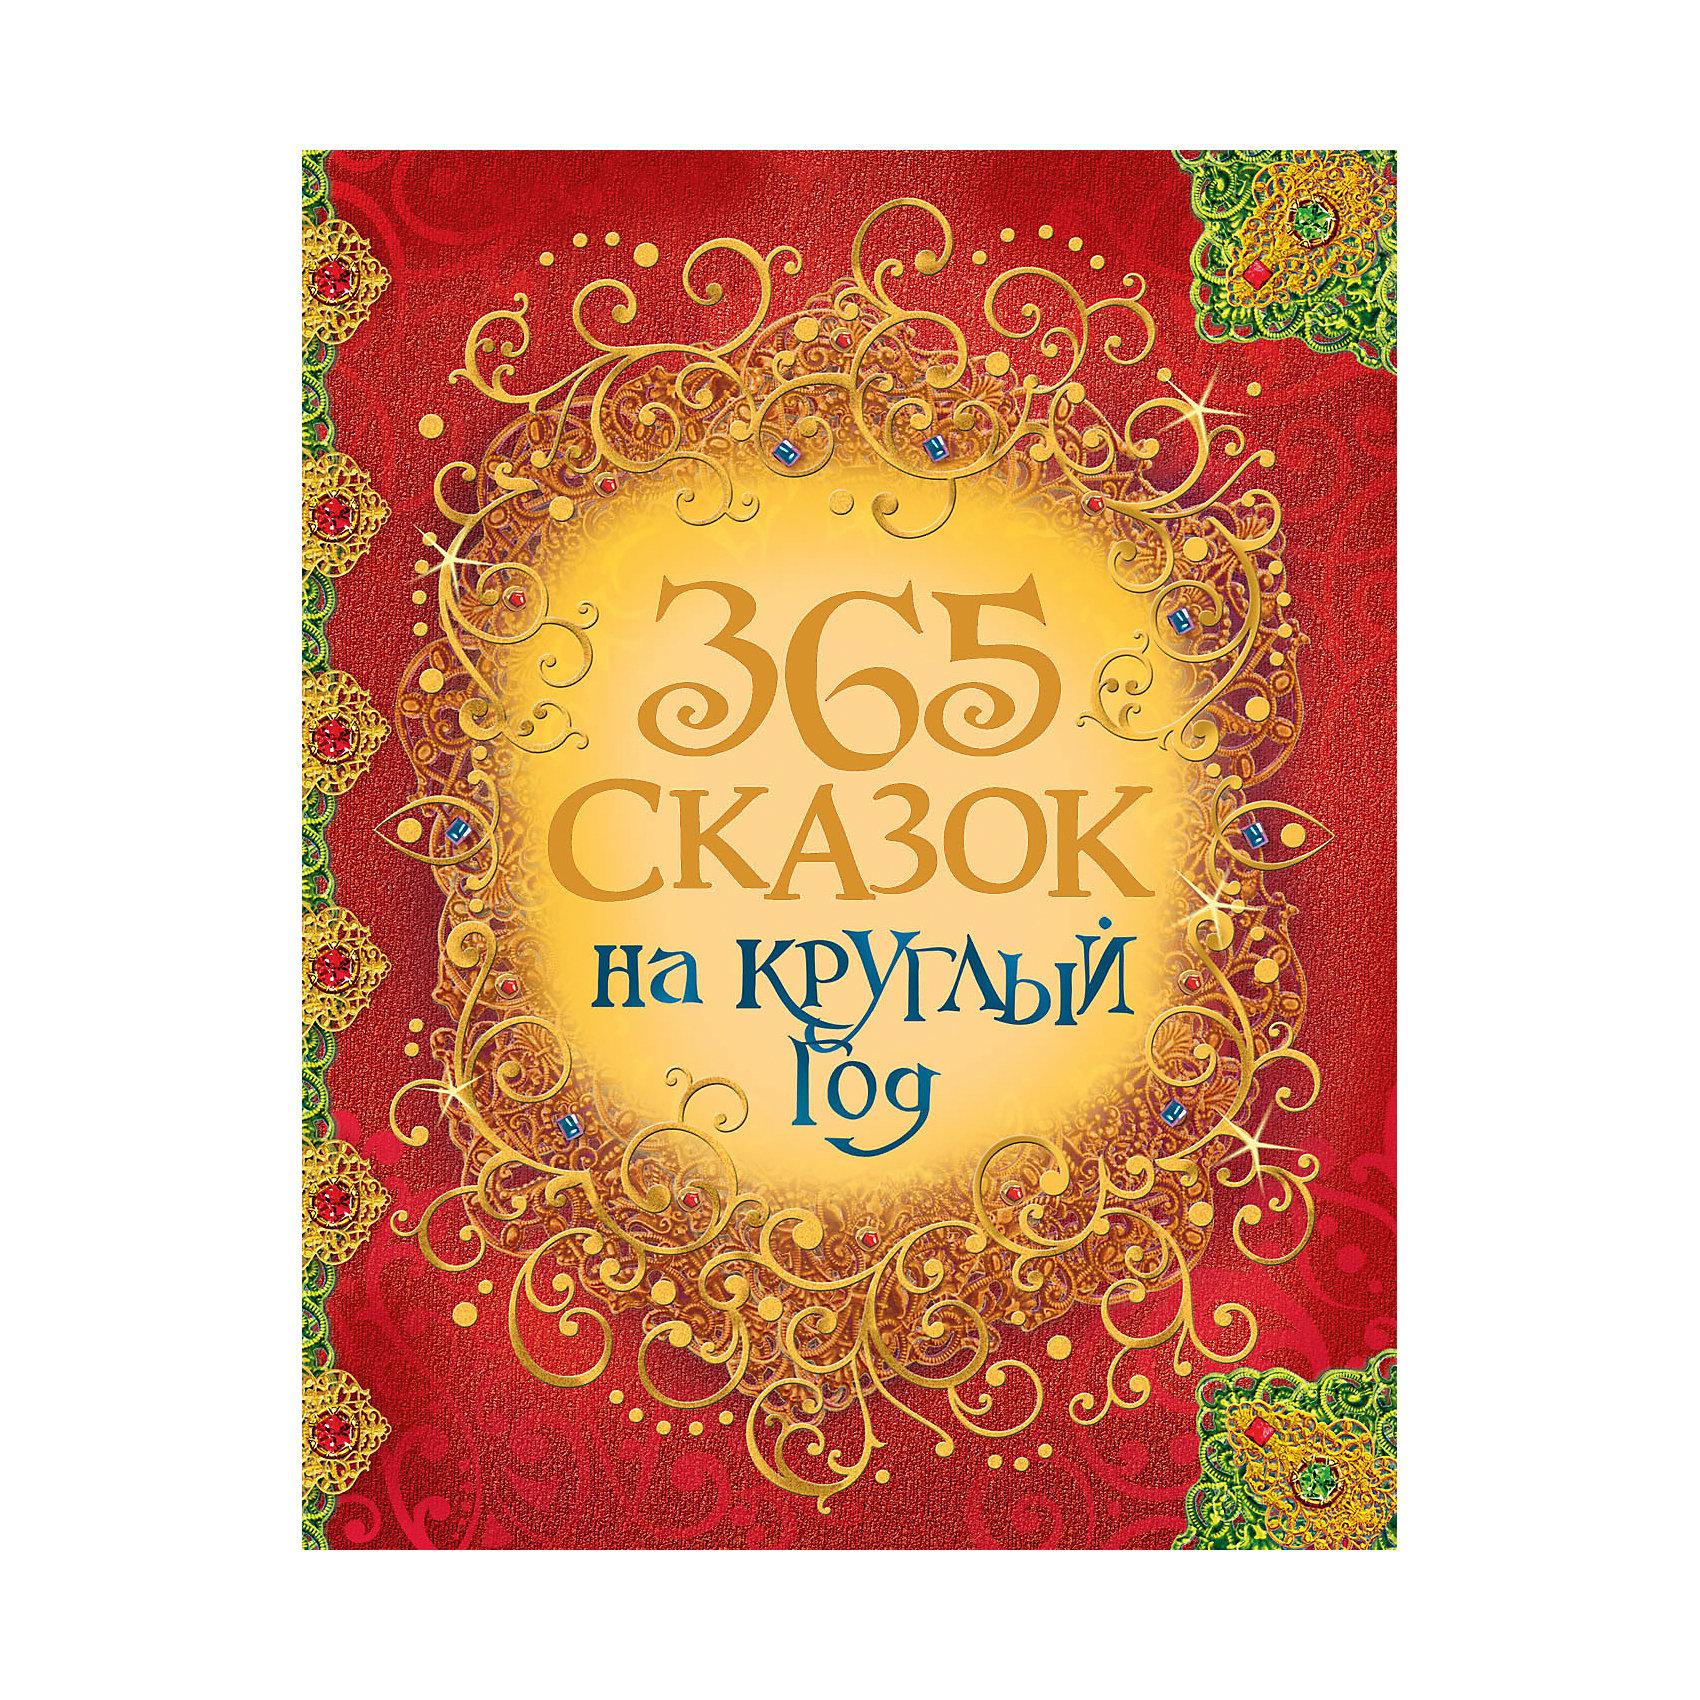 Росмэн 365 сказок на круглый год книга росмэн пушкин а с 365 стихов на круглый год 3